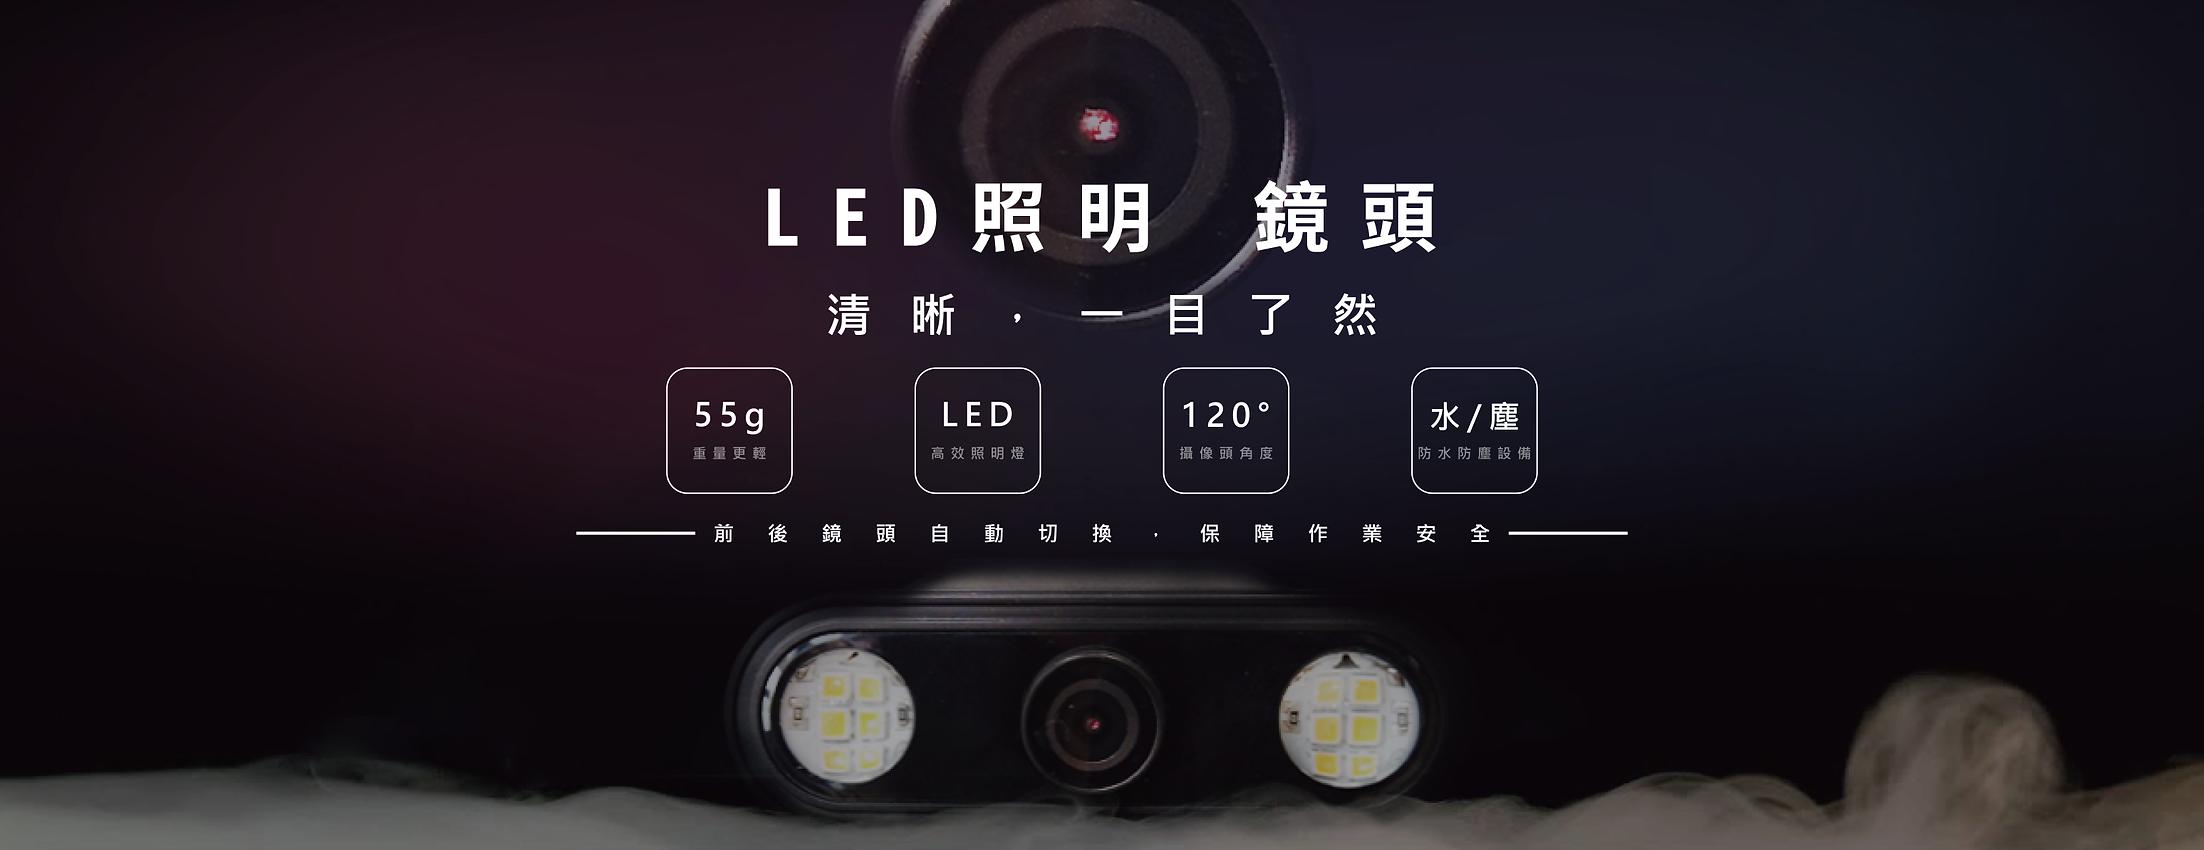 速創科技植保機SuperS 5,LED照明鏡頭,無人機前後鏡頭,植保機雙鏡頭